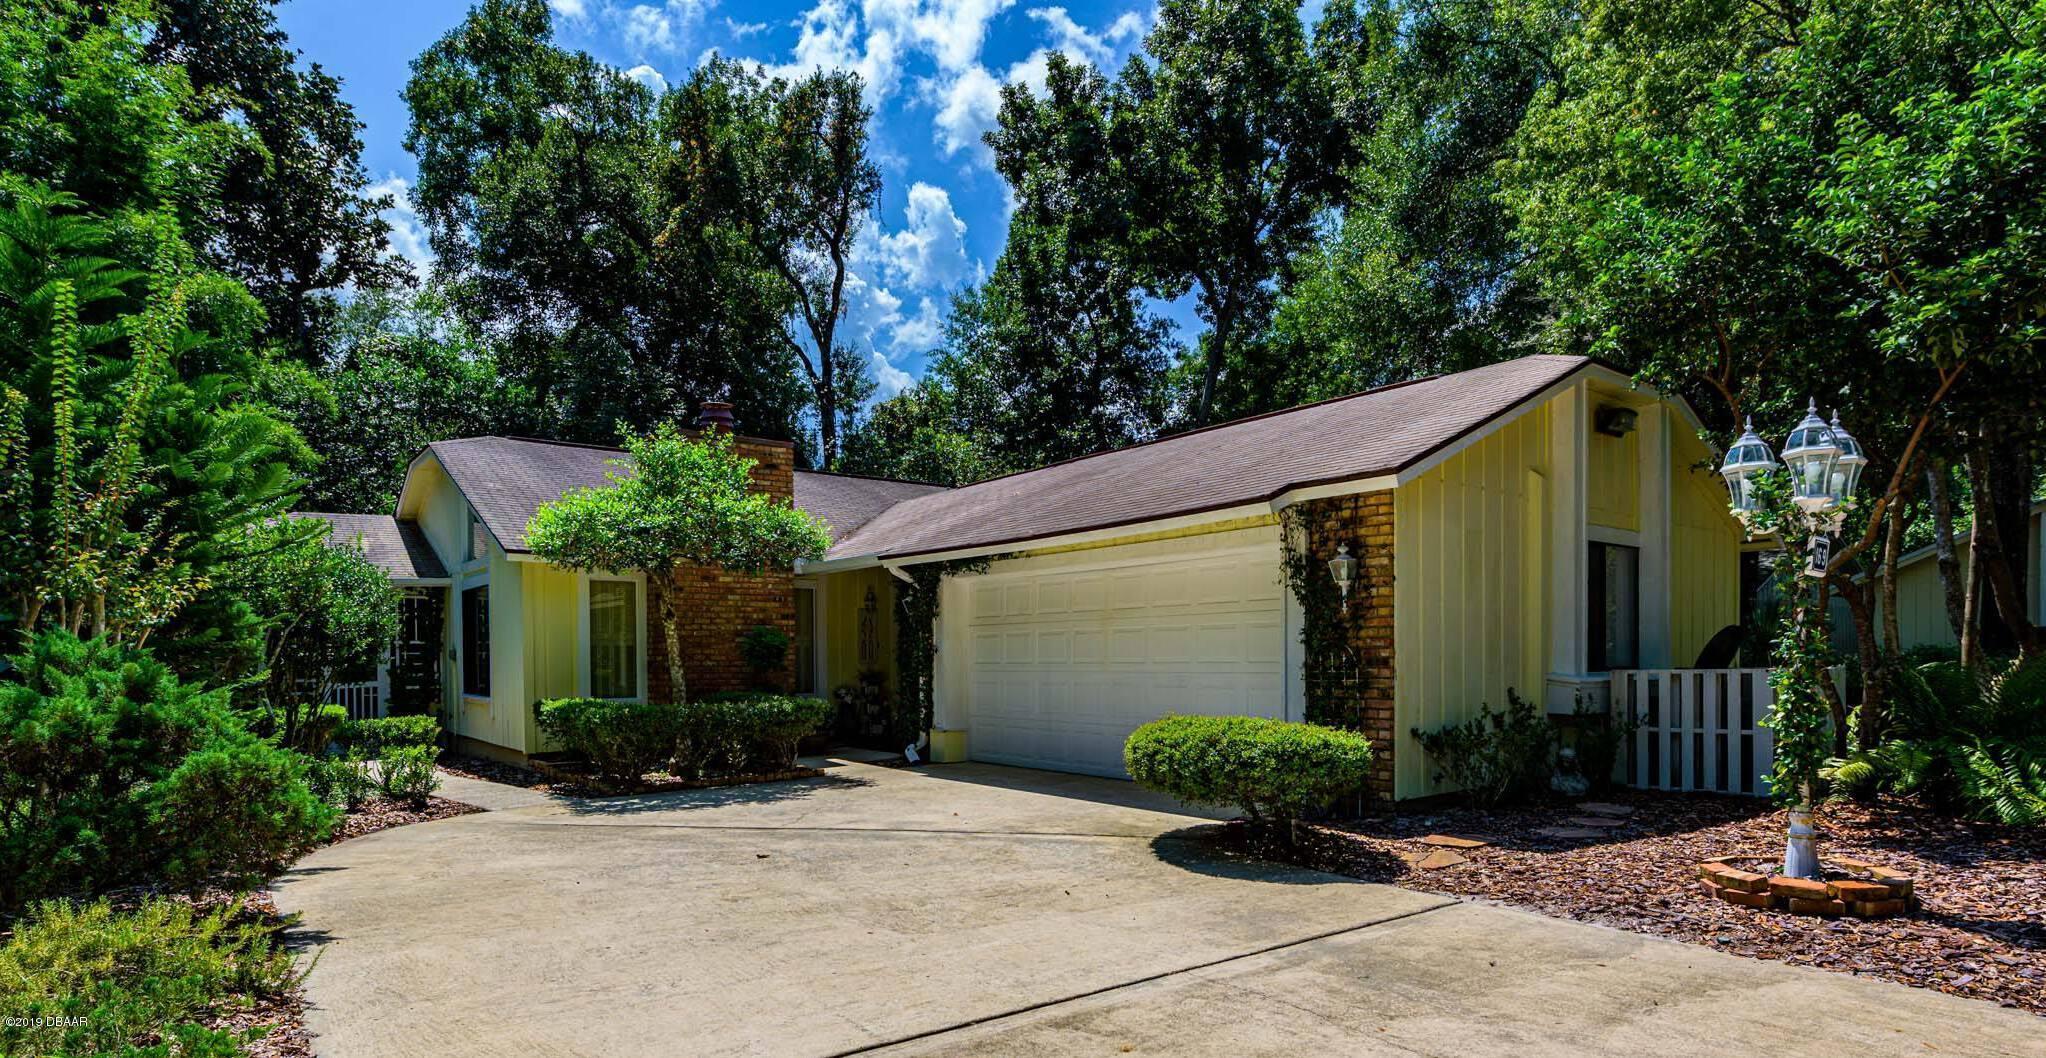 Photo of 169 Fox Glen Court, Ormond Beach, FL 32174